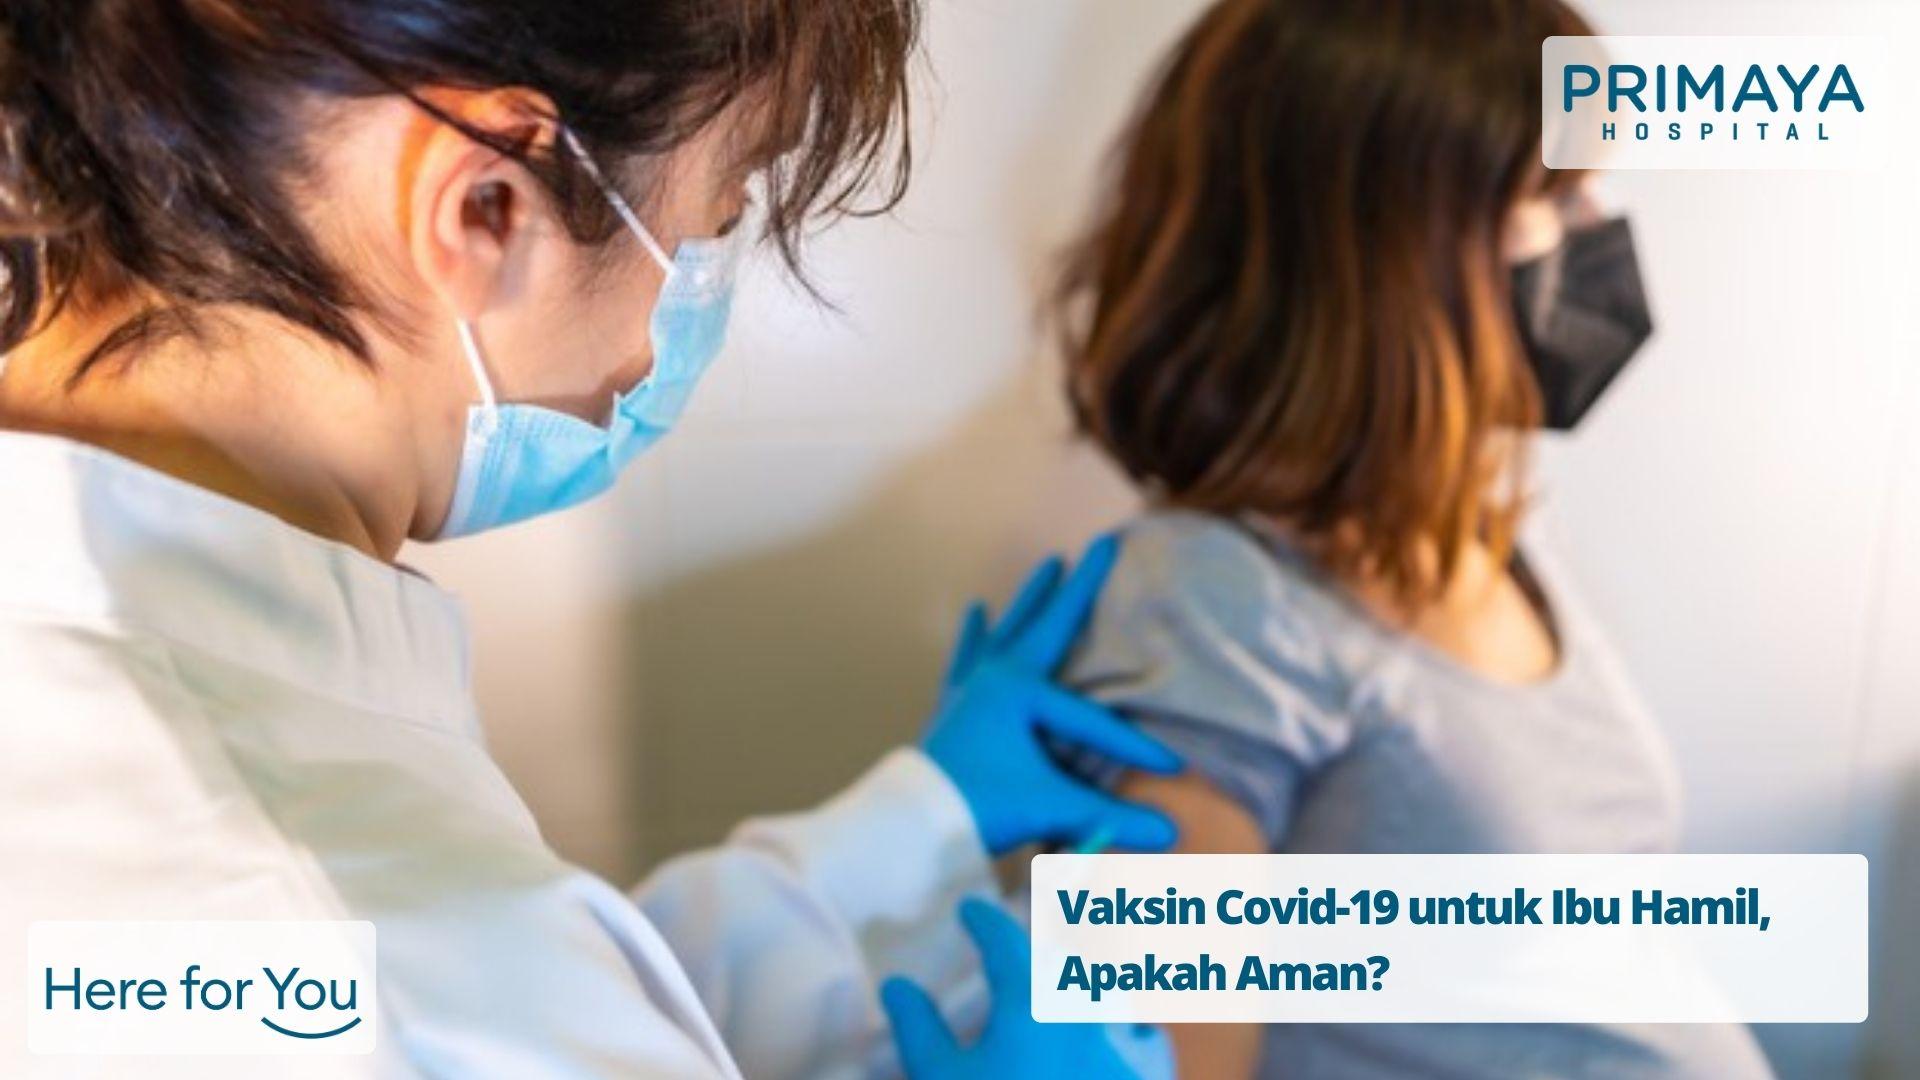 Vaksin Covid-19 untuk Ibu Hamil, Apakah Aman?